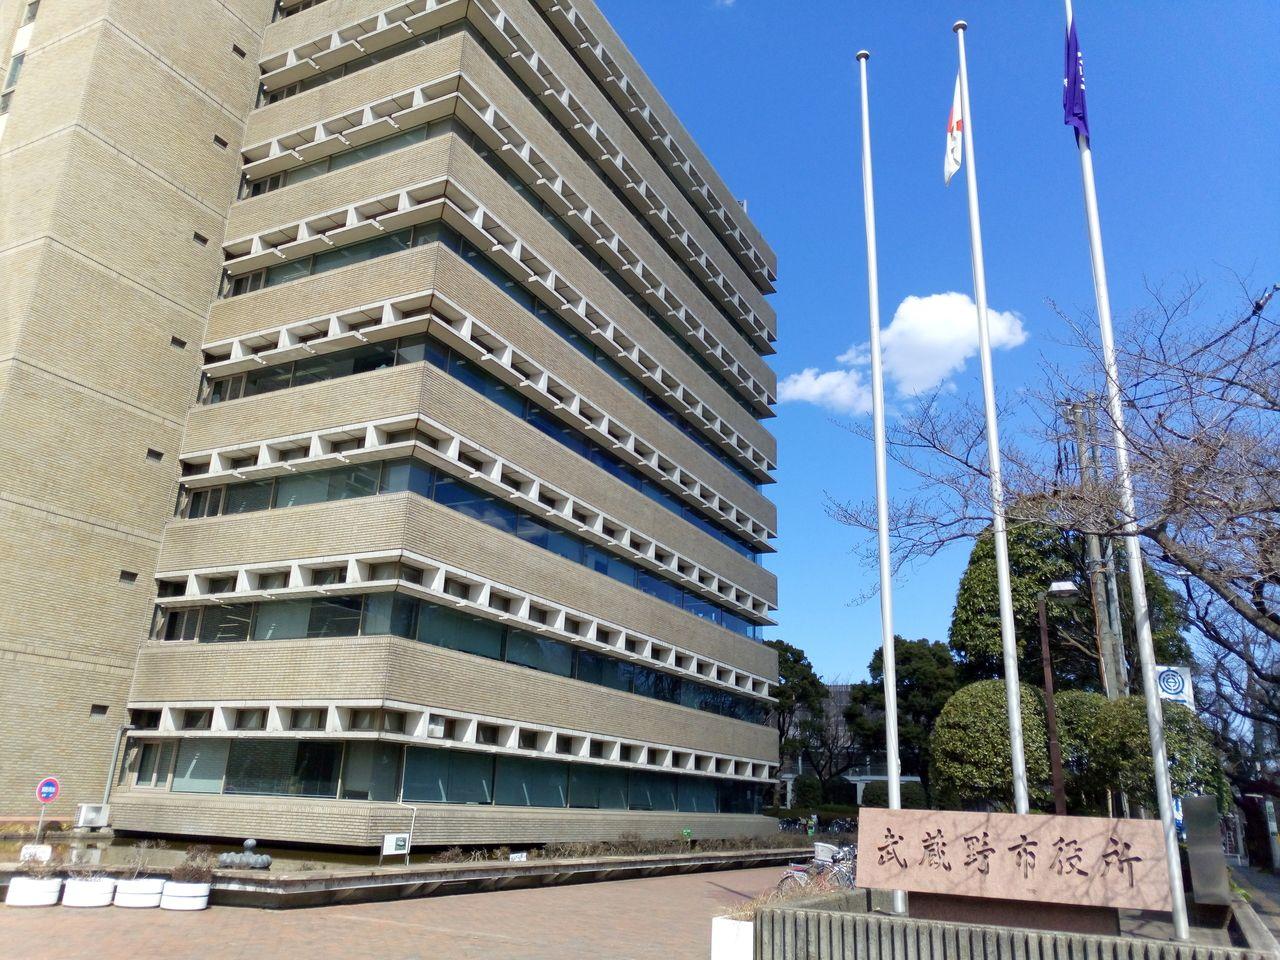 人気の吉祥寺がある武蔵野市はこんな地域です